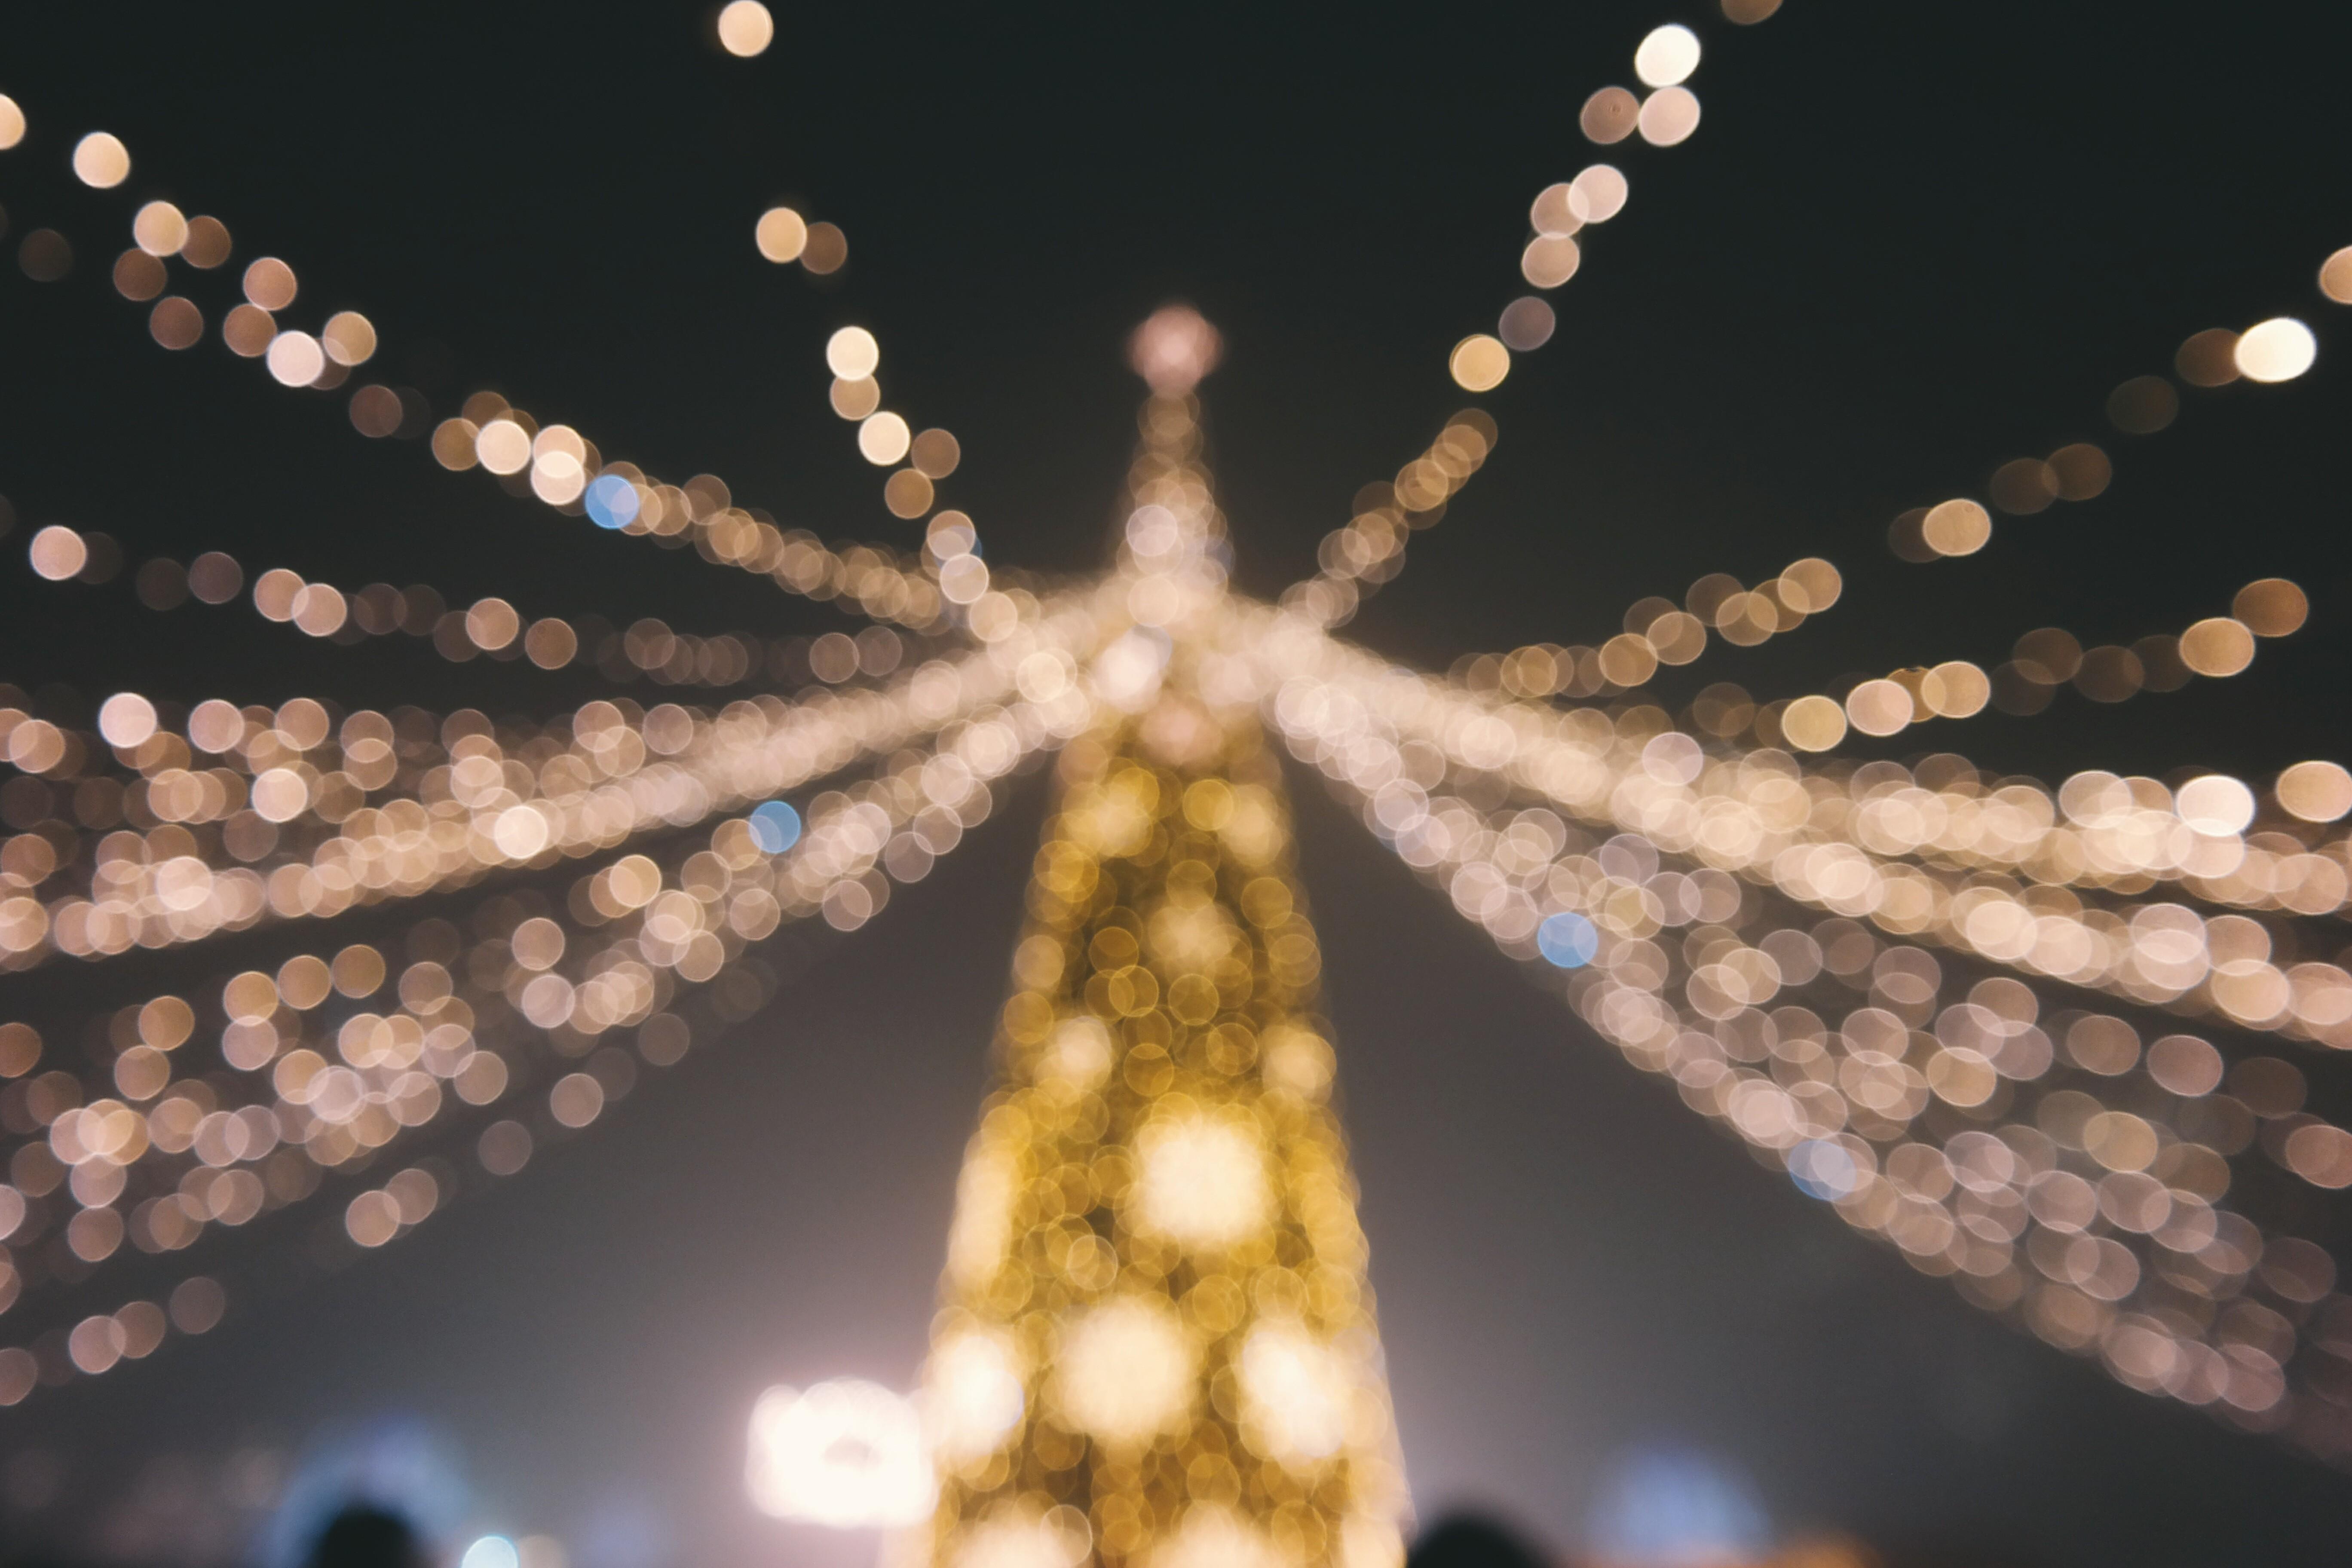 Addobbi Natalizi Luci.Sfondi Luci Notte Addobbi Natalizi Natale Bokeh Leggero